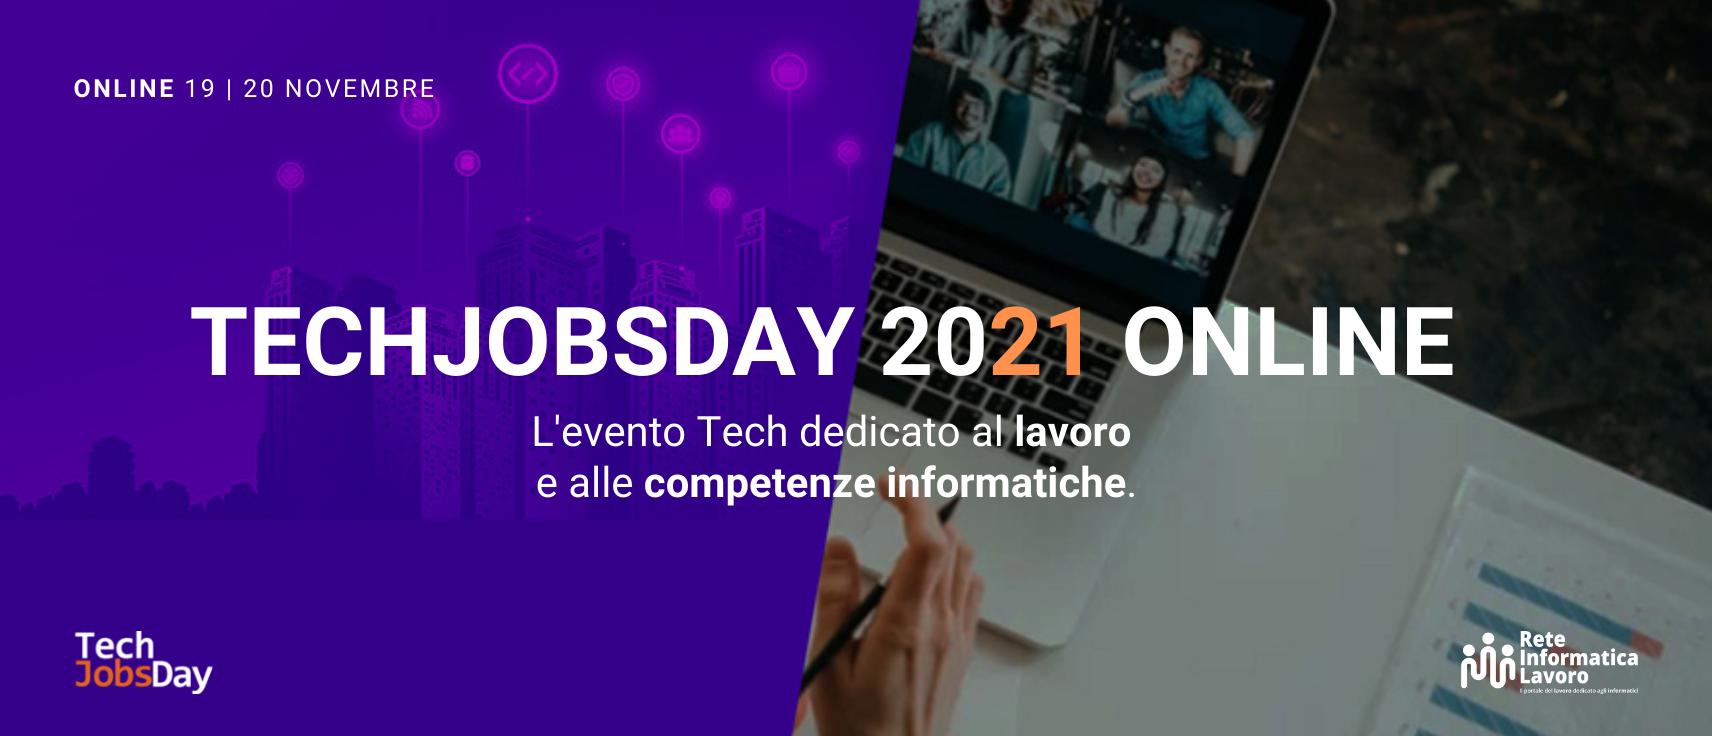 Torna il TechJobsDay, il career day online di riferimento per il settore informatico